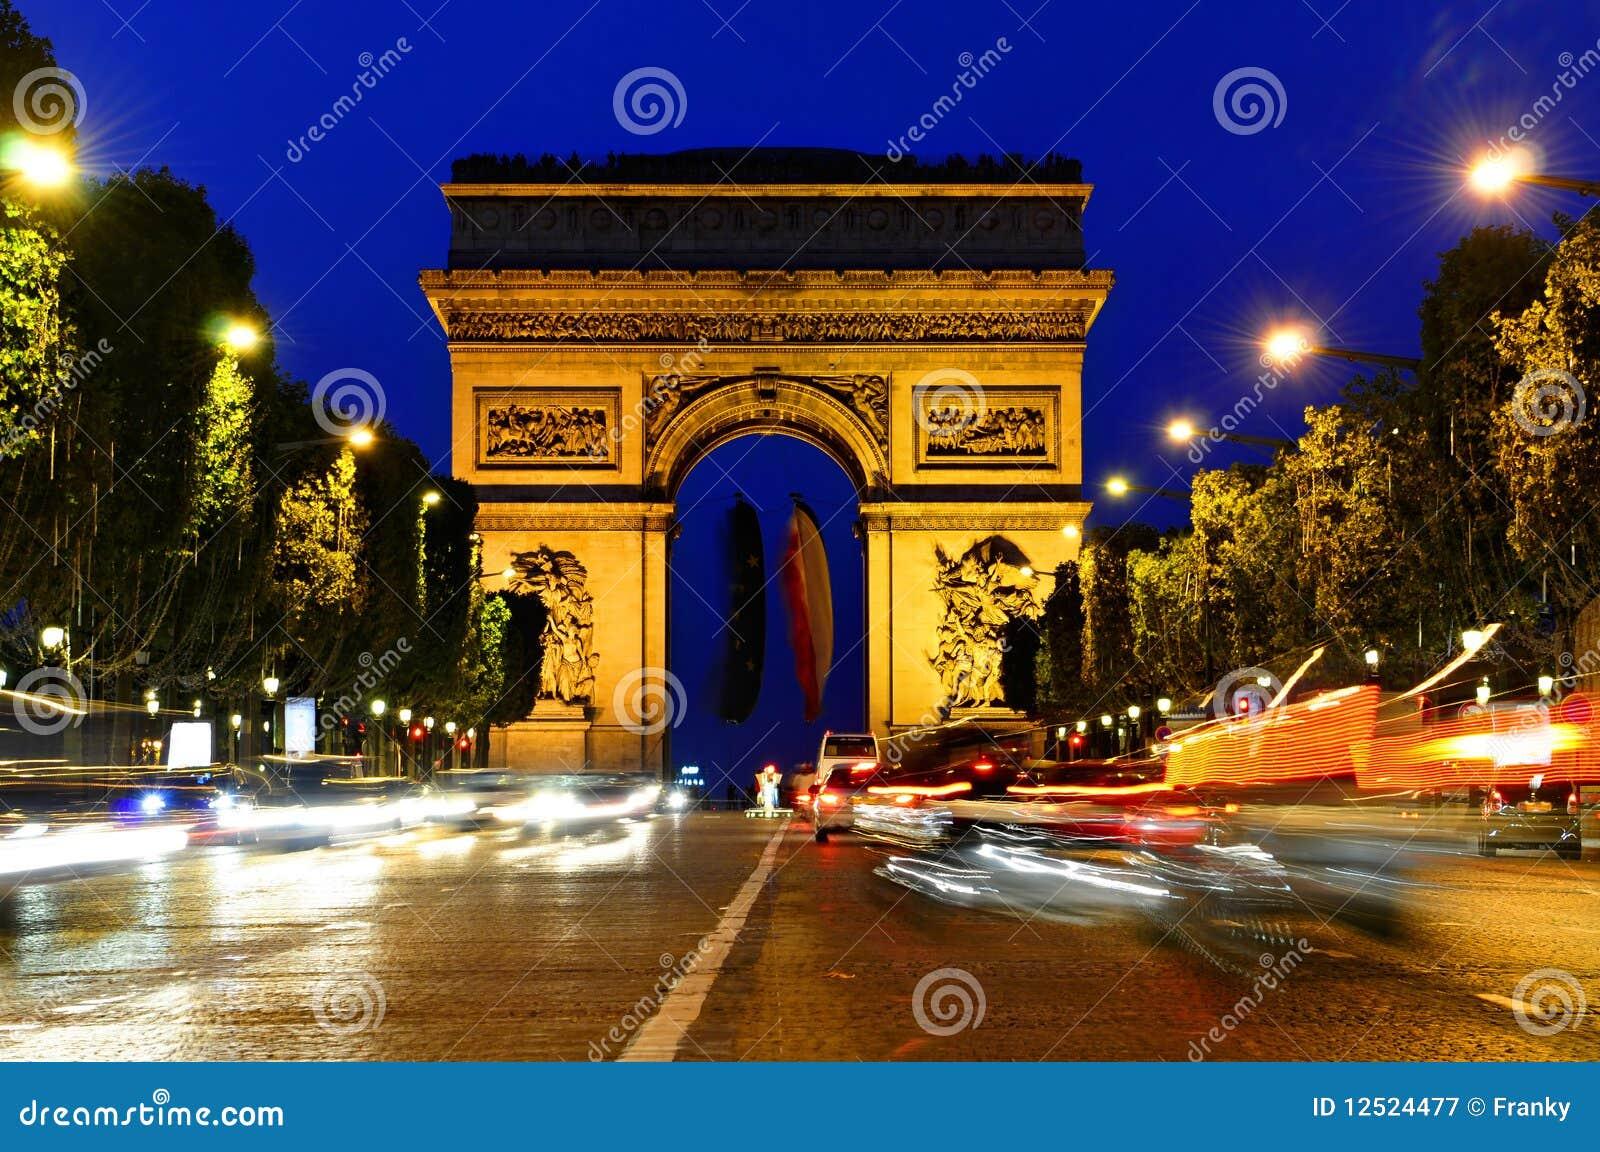 Arc de Triomphe - arco del triunfo, París, Francia